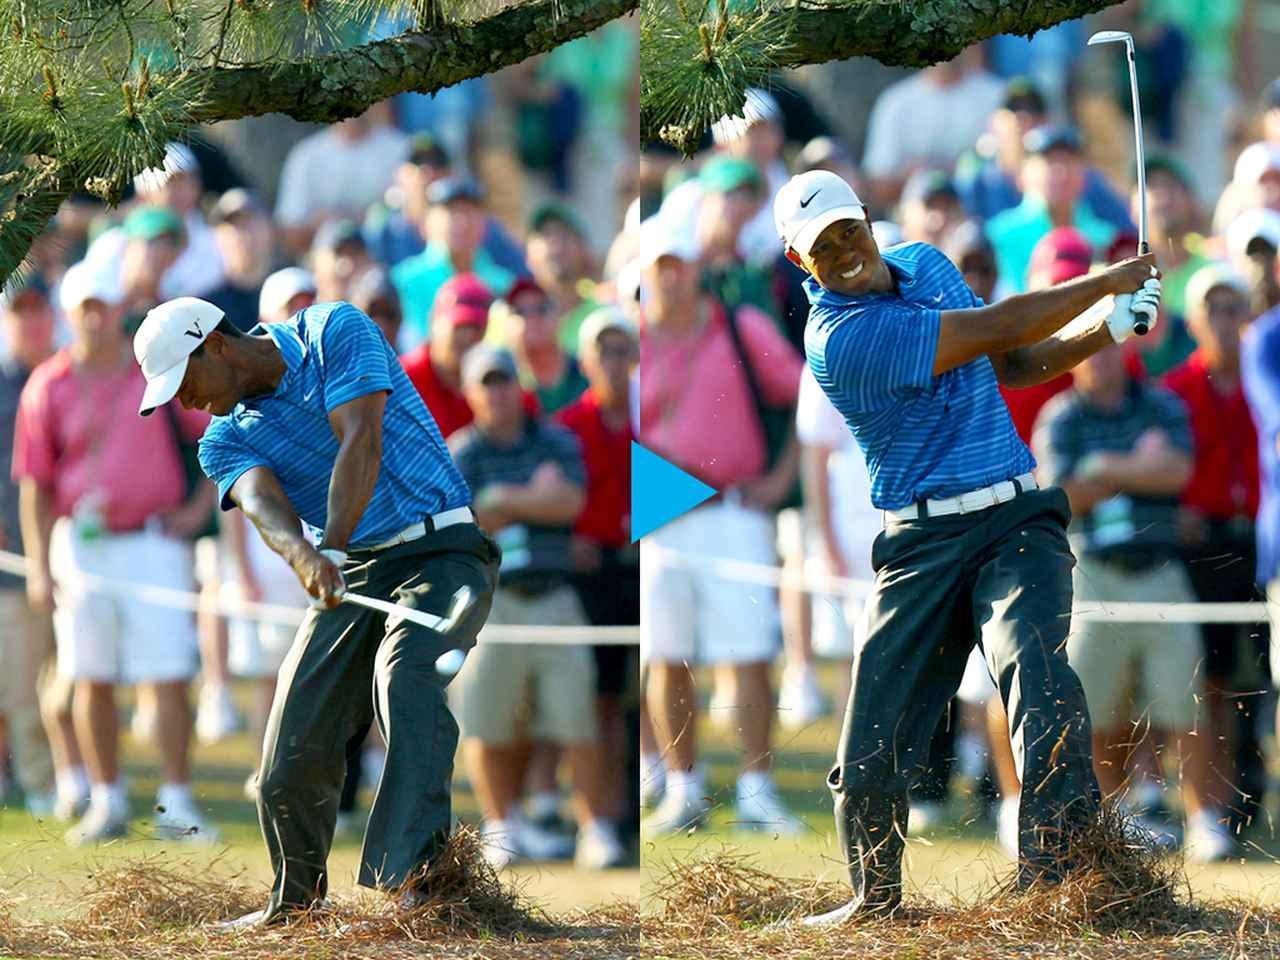 画像: 前方に木が立ちはだかり、斜め上にせり出しているため、右から低い強烈なフックで回さないと脱出できない状 況。強烈なフェースターンを体全体で行っているため、フィニッシュは低い位置におさまる